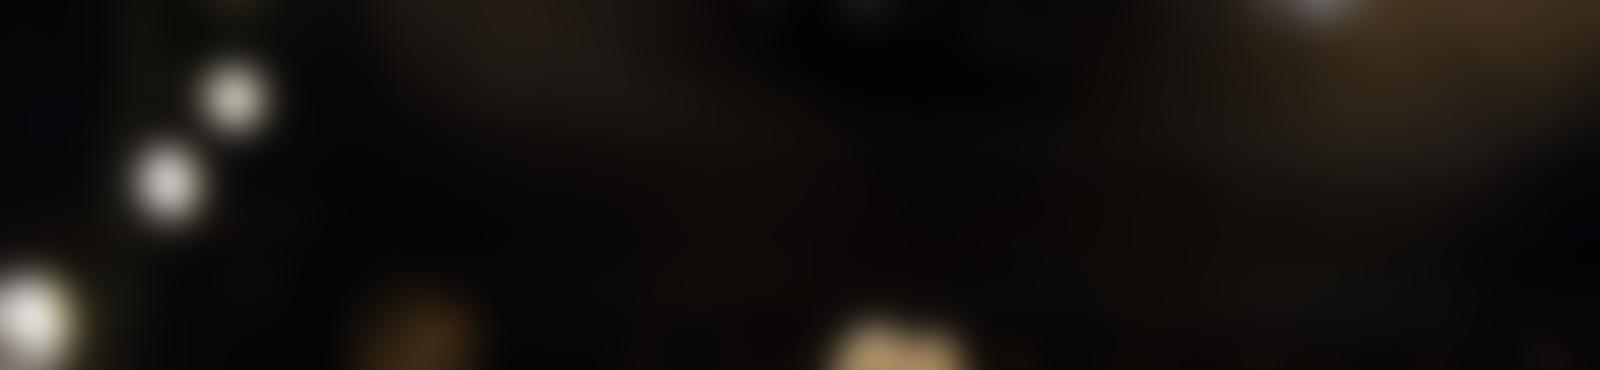 Blurred 562b0f19 65f3 492b 8dcf 953fa5d3227c